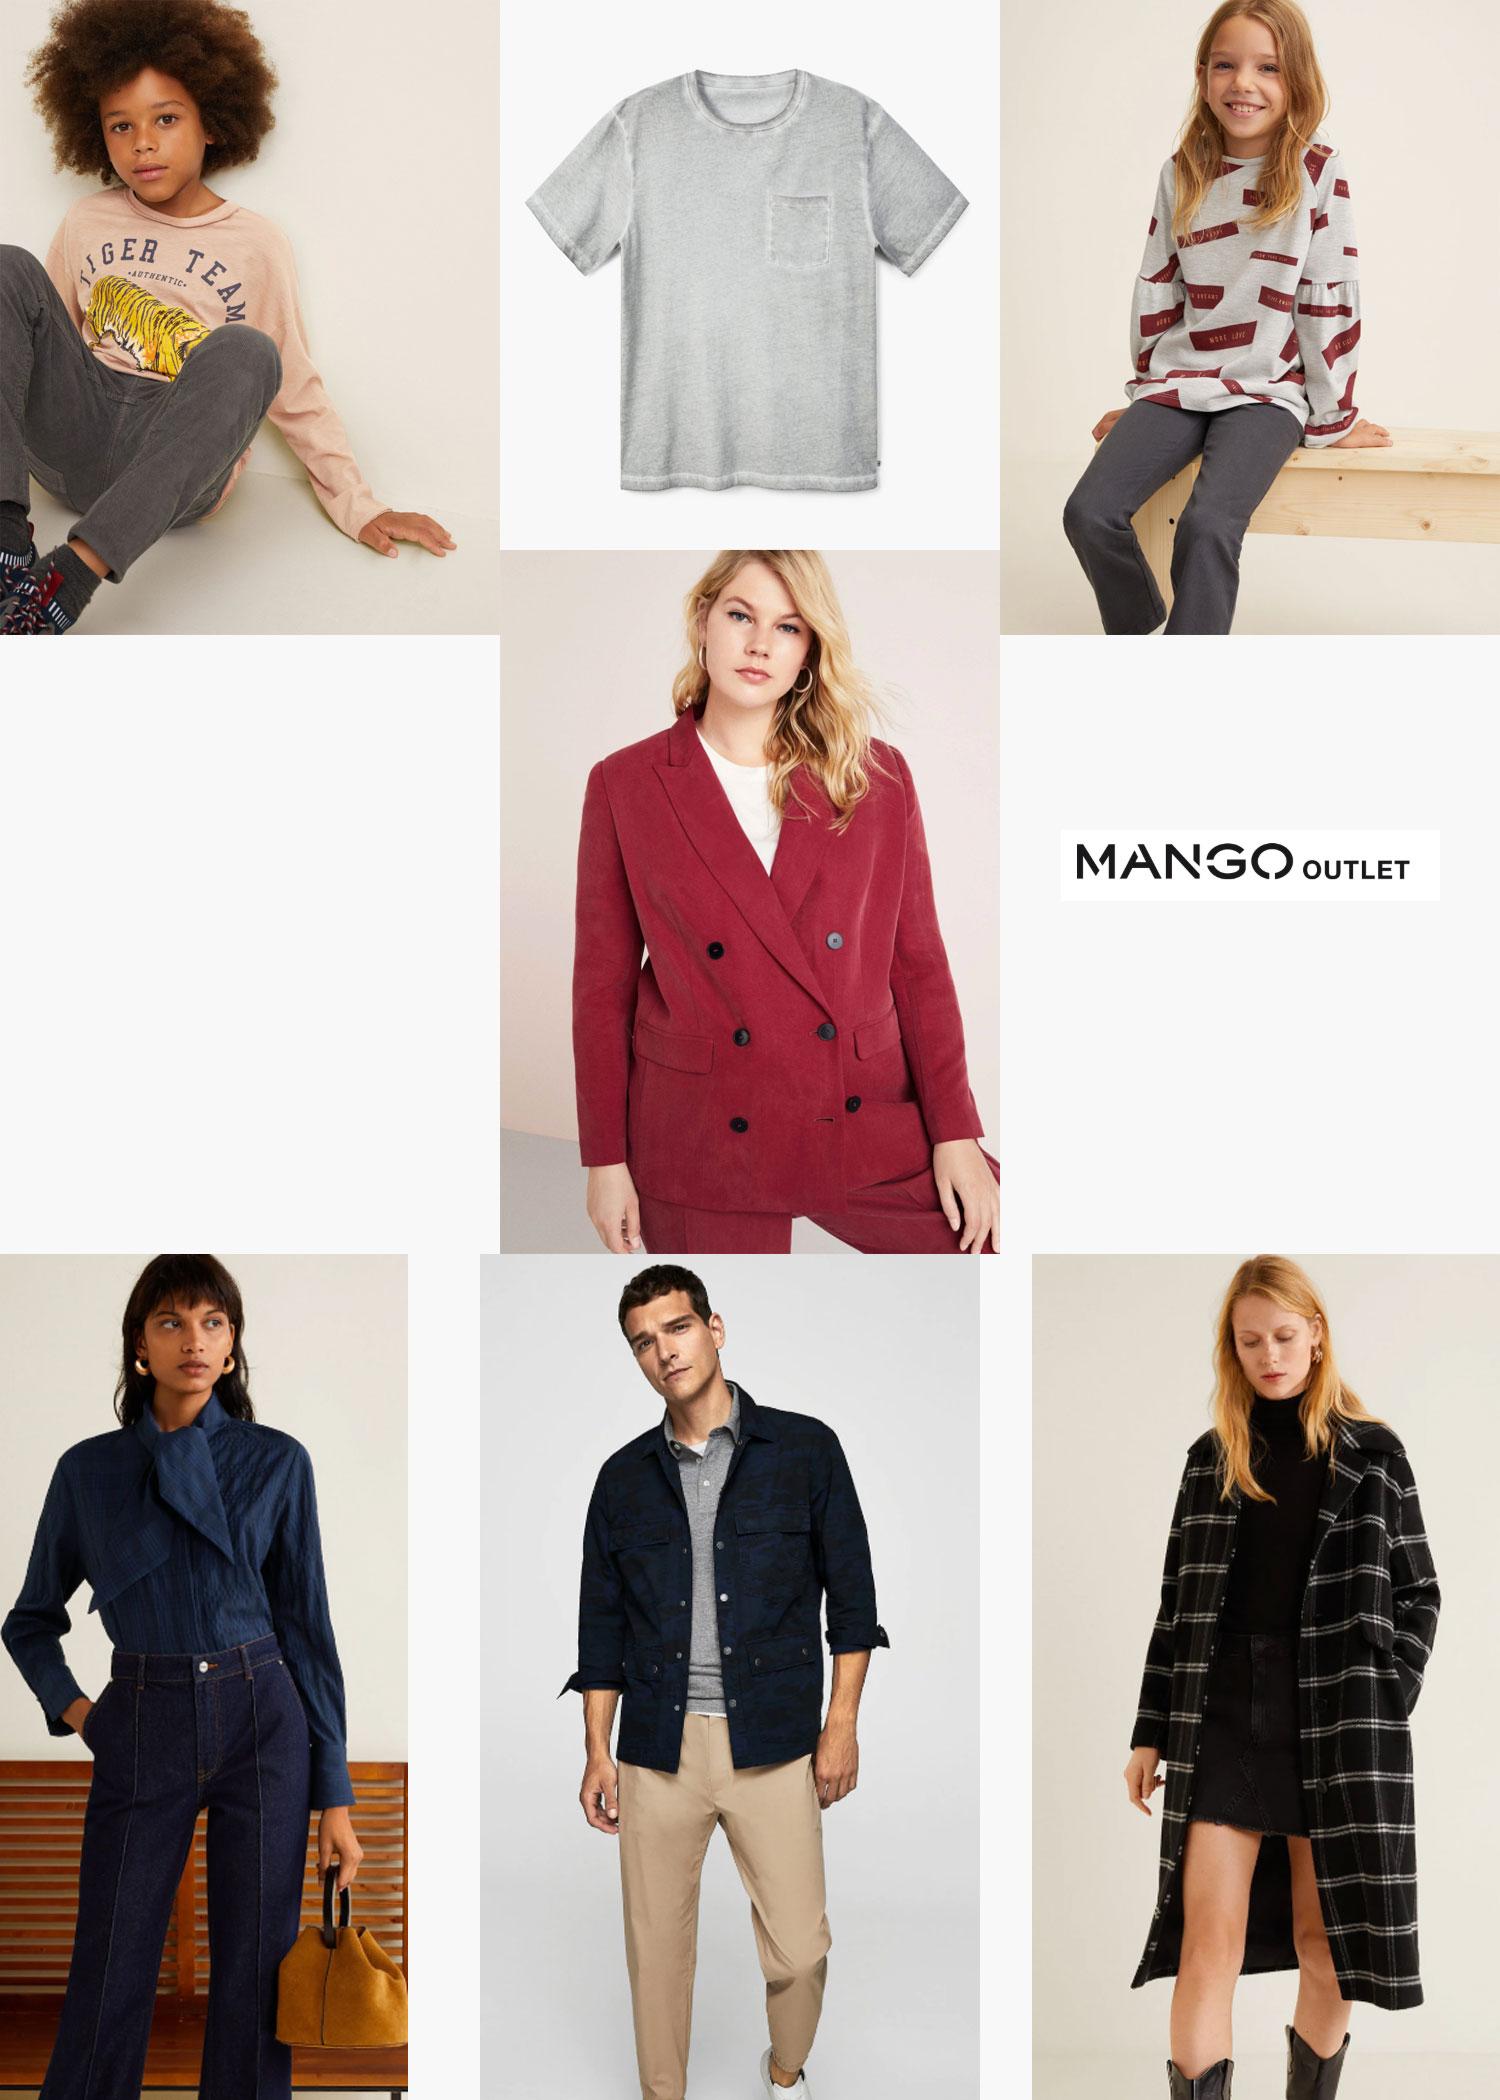 SALE: veel 70-80+% korting + diverse sale €9,99 @ Mango Outlet